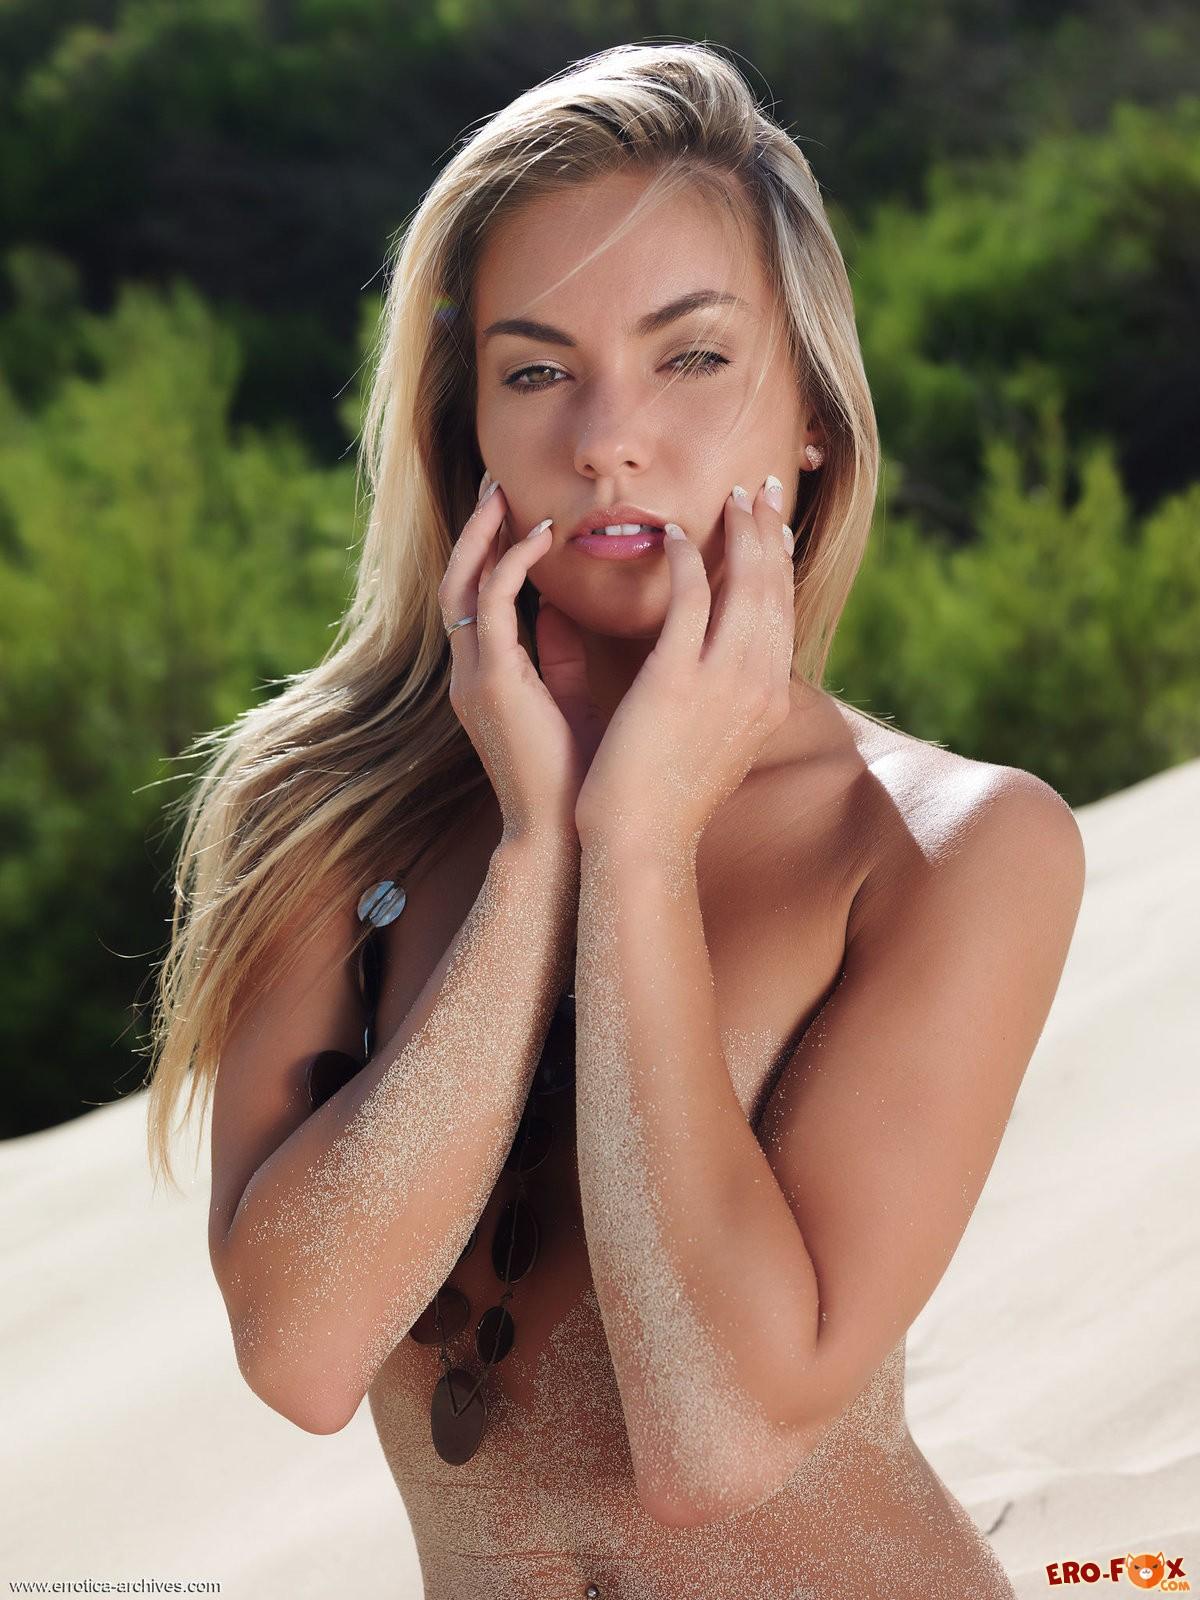 Голая блондинка на пляже в песке